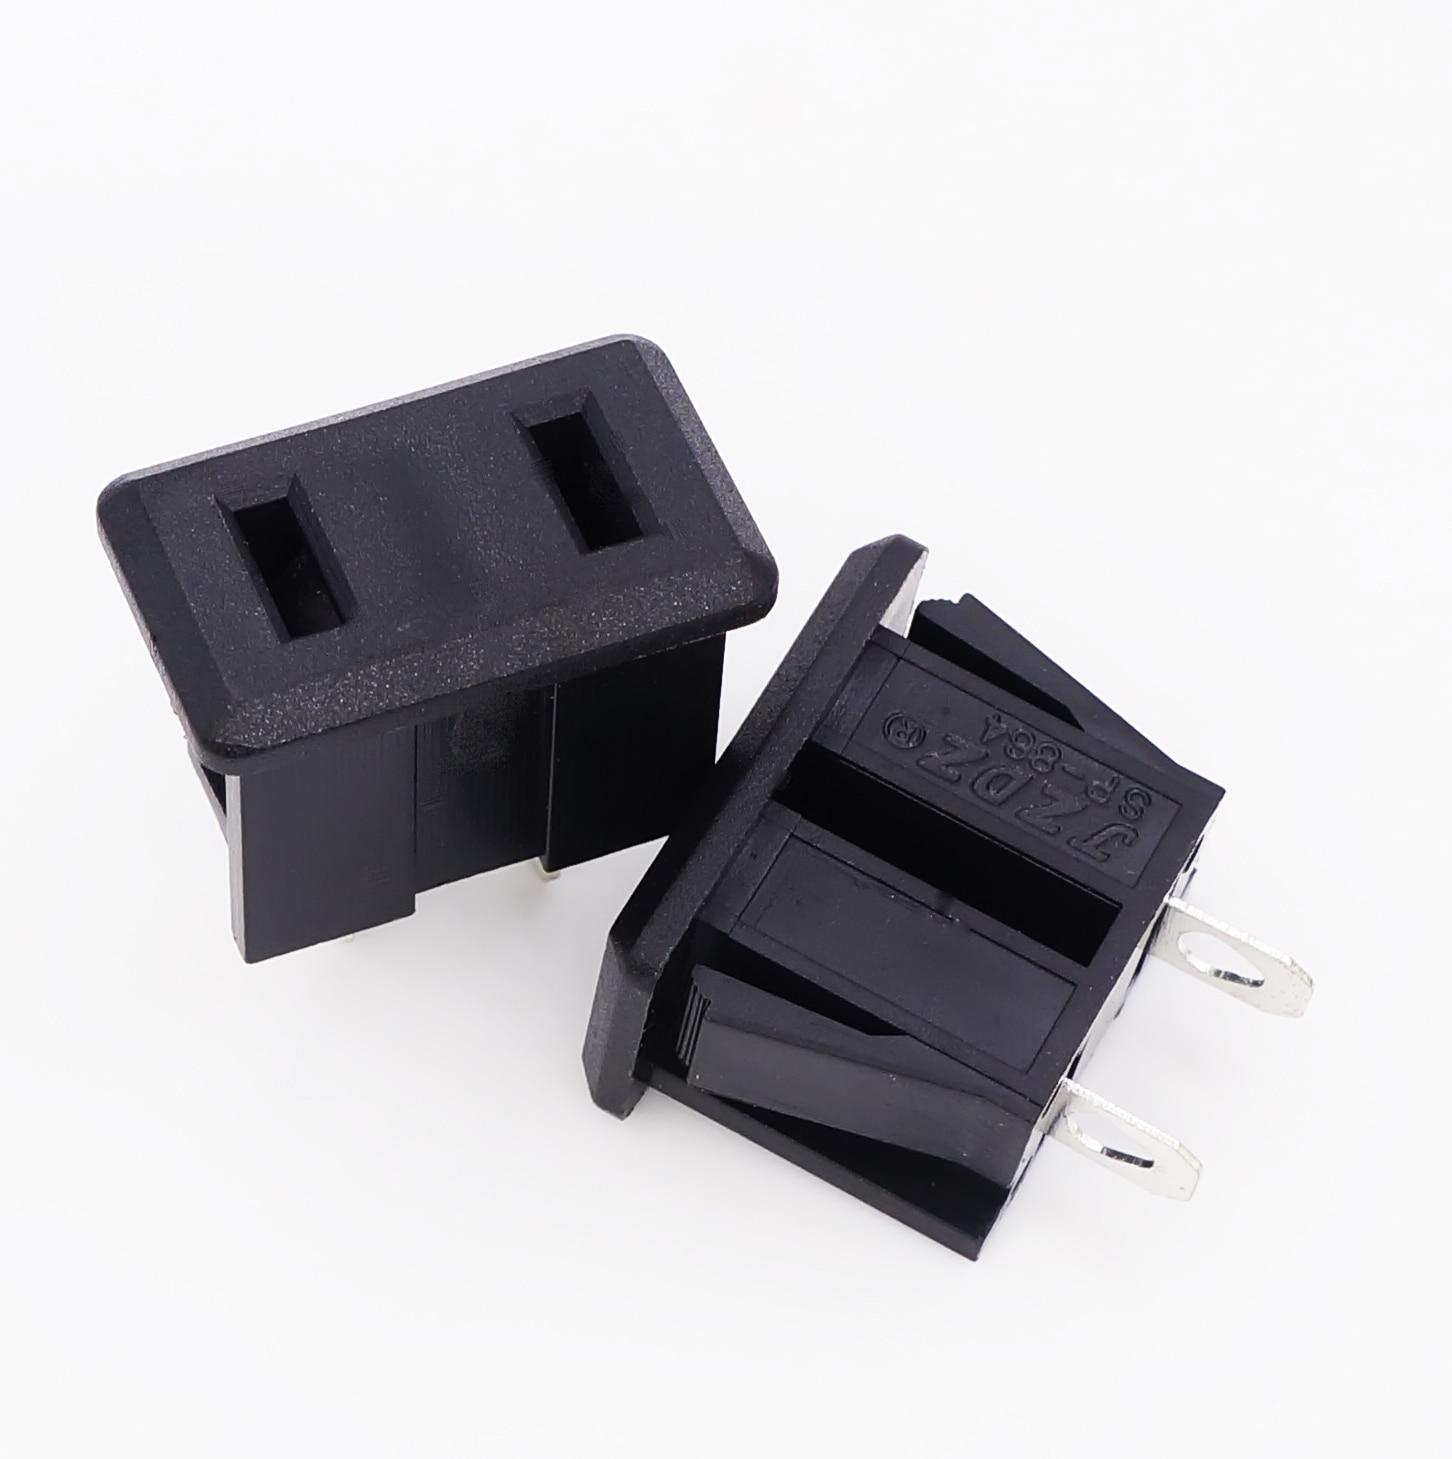 10pcs SP-864 AC 10A/250V 15A/125V US Plug Panel Mount US Outlet Power Socket 2pin Black